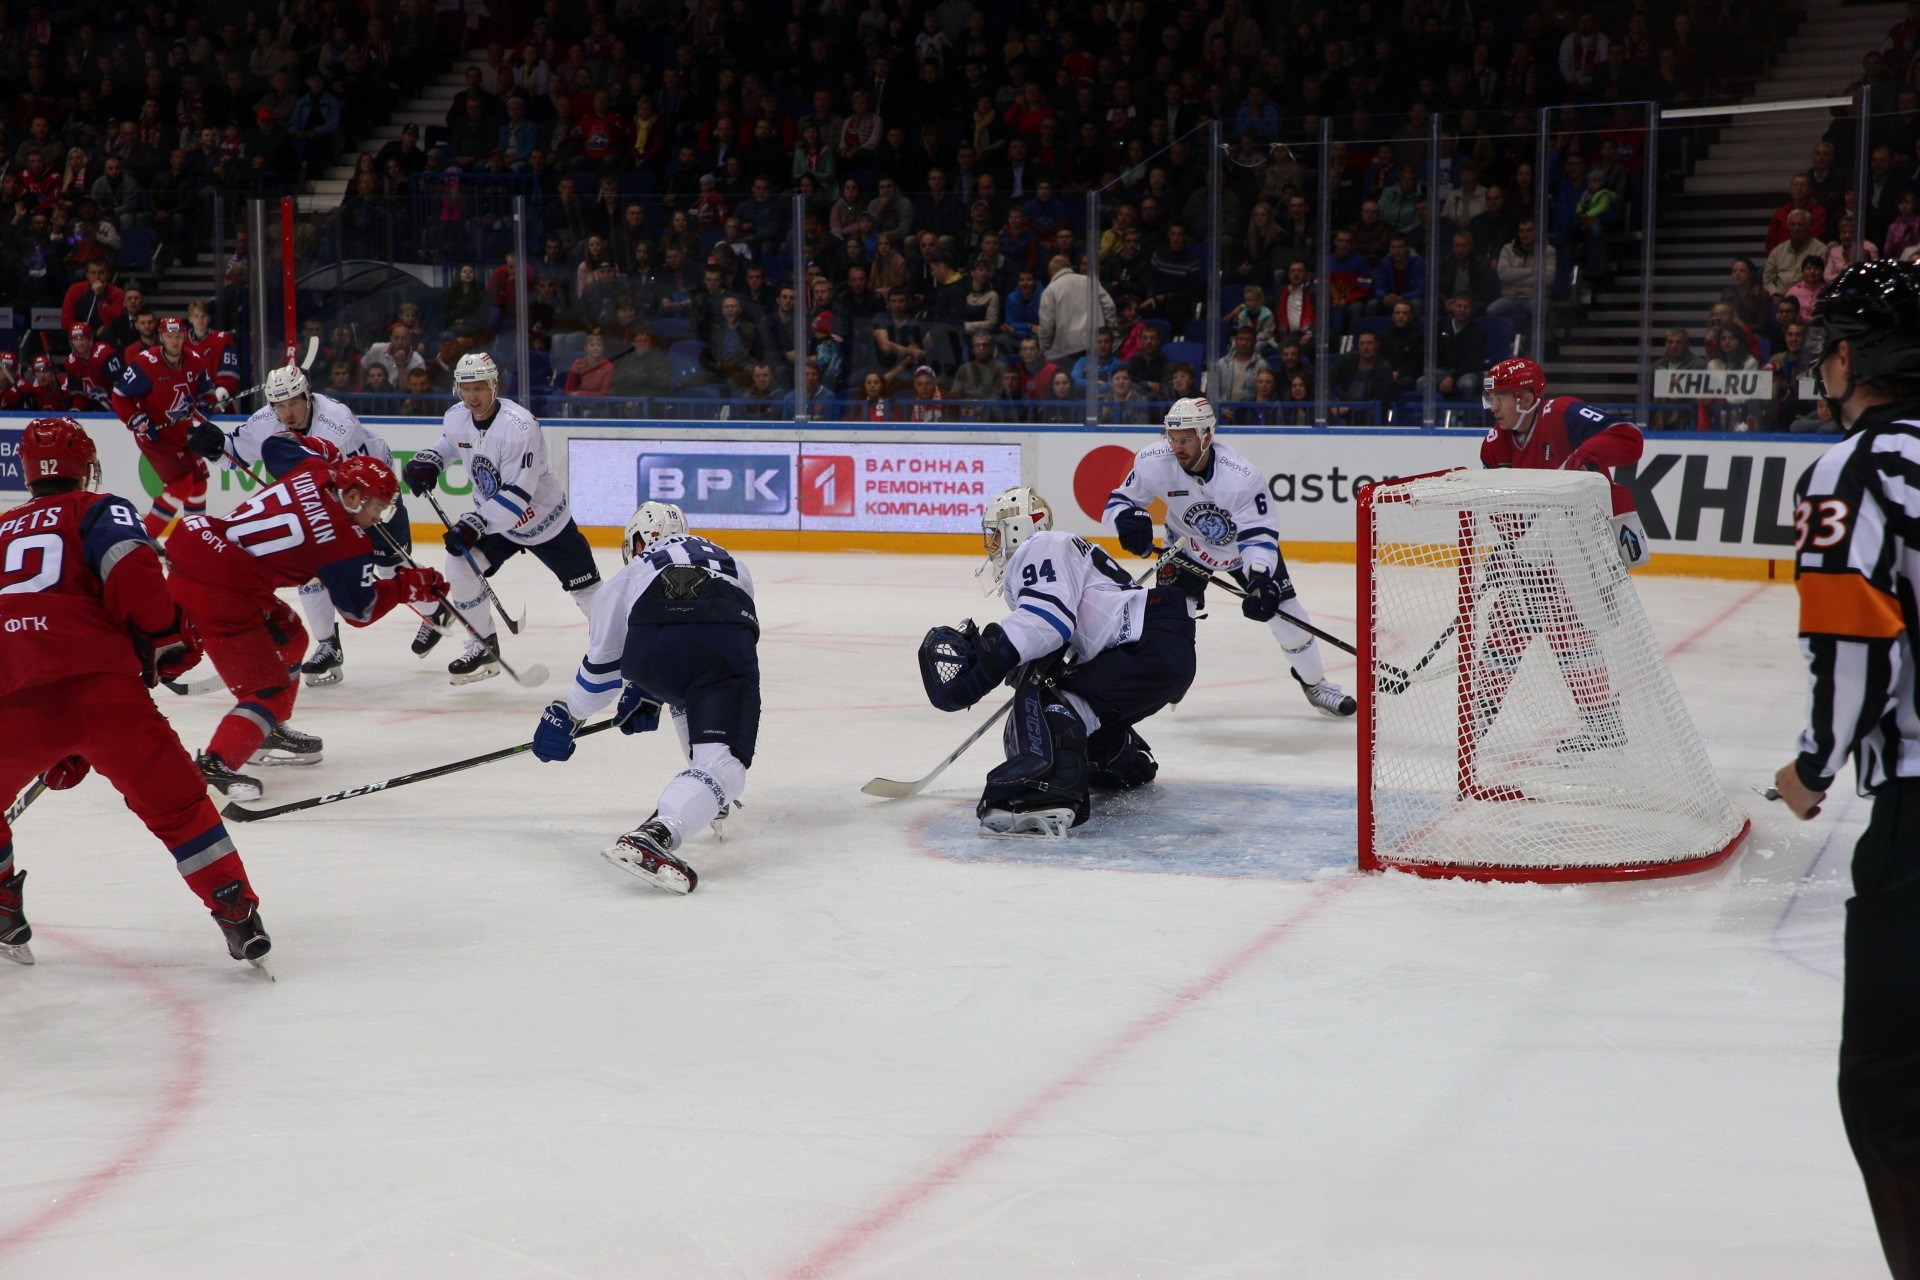 Единственную шайбу хоккеисты«Локомотива» забили в первом периоде